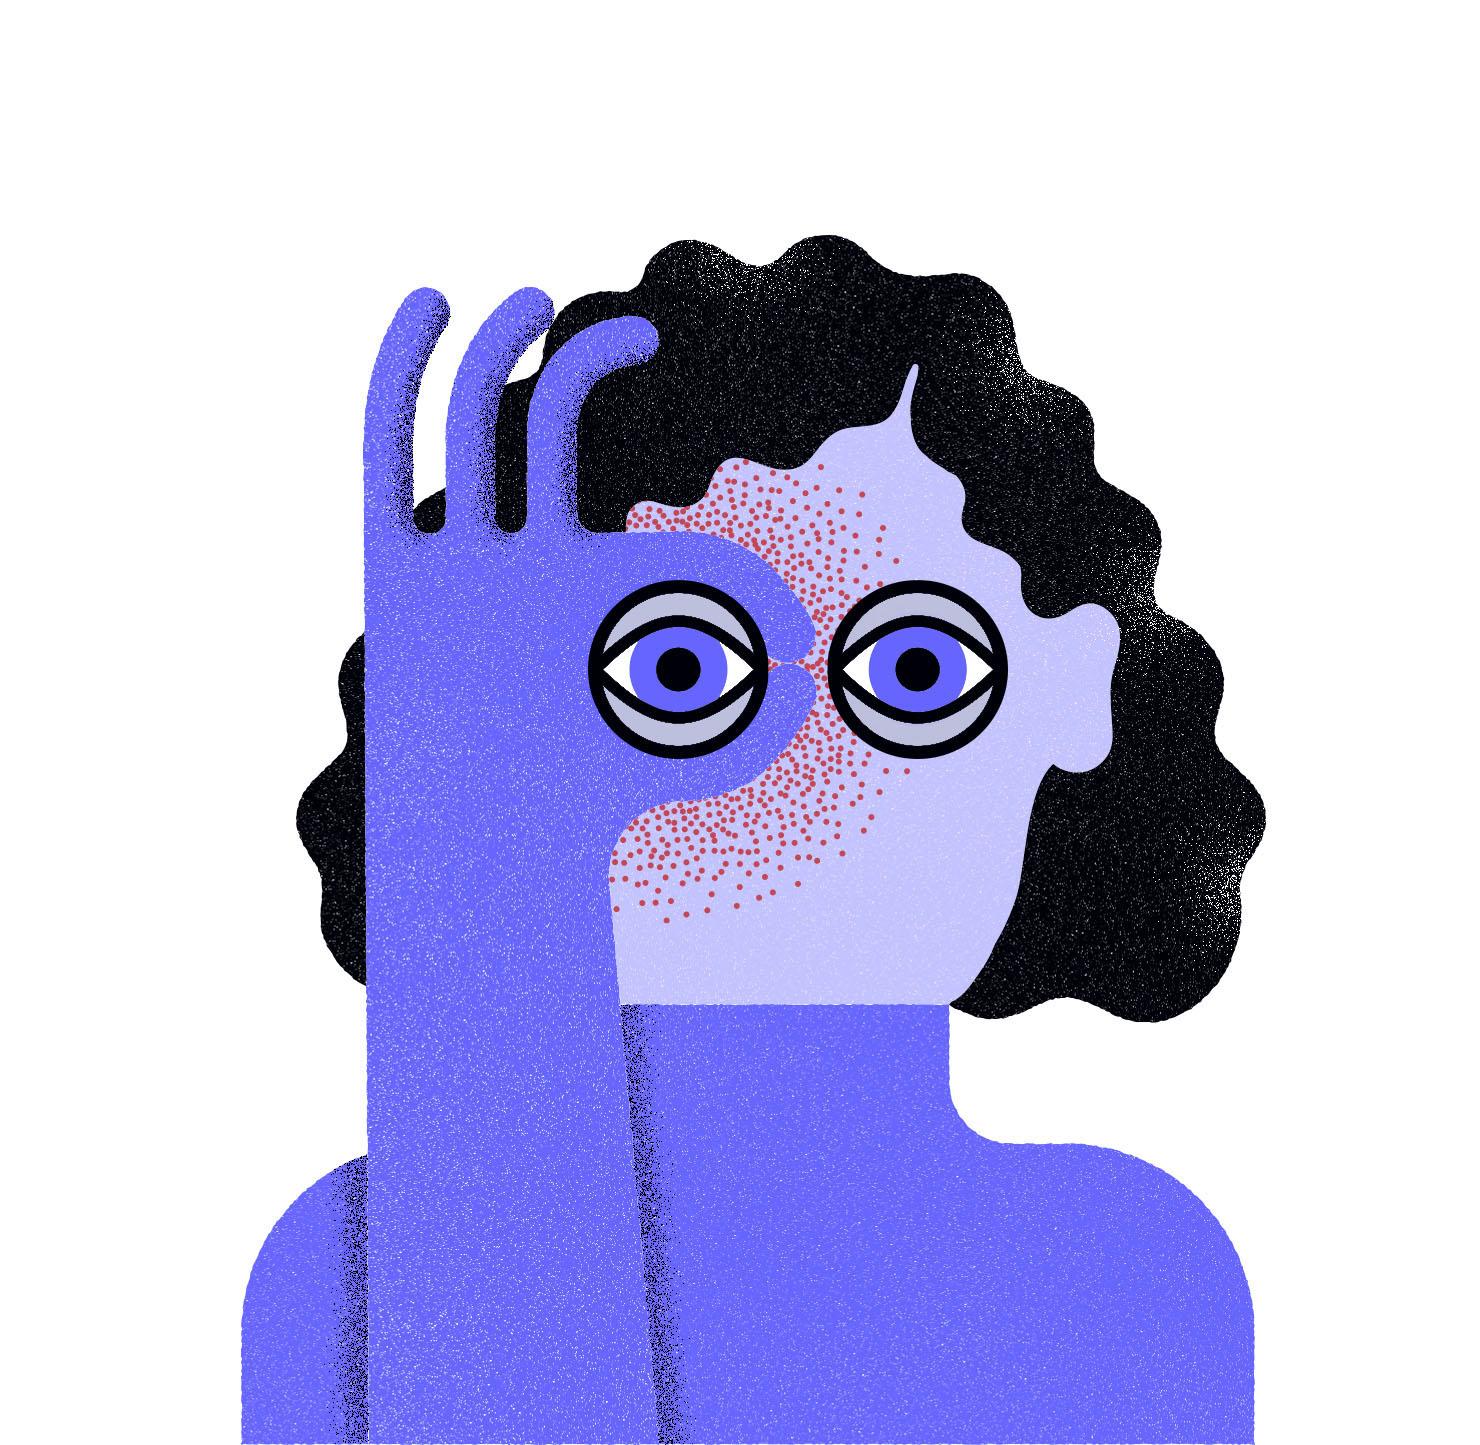 Freundin-Kopfschmerzen-Folgeillu-2